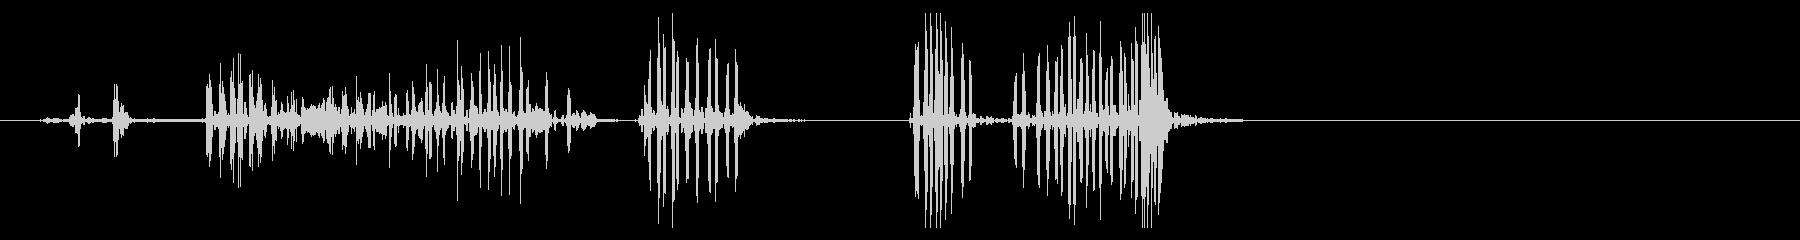 ジャー!ファスナー、チャックが閉まる音3の未再生の波形